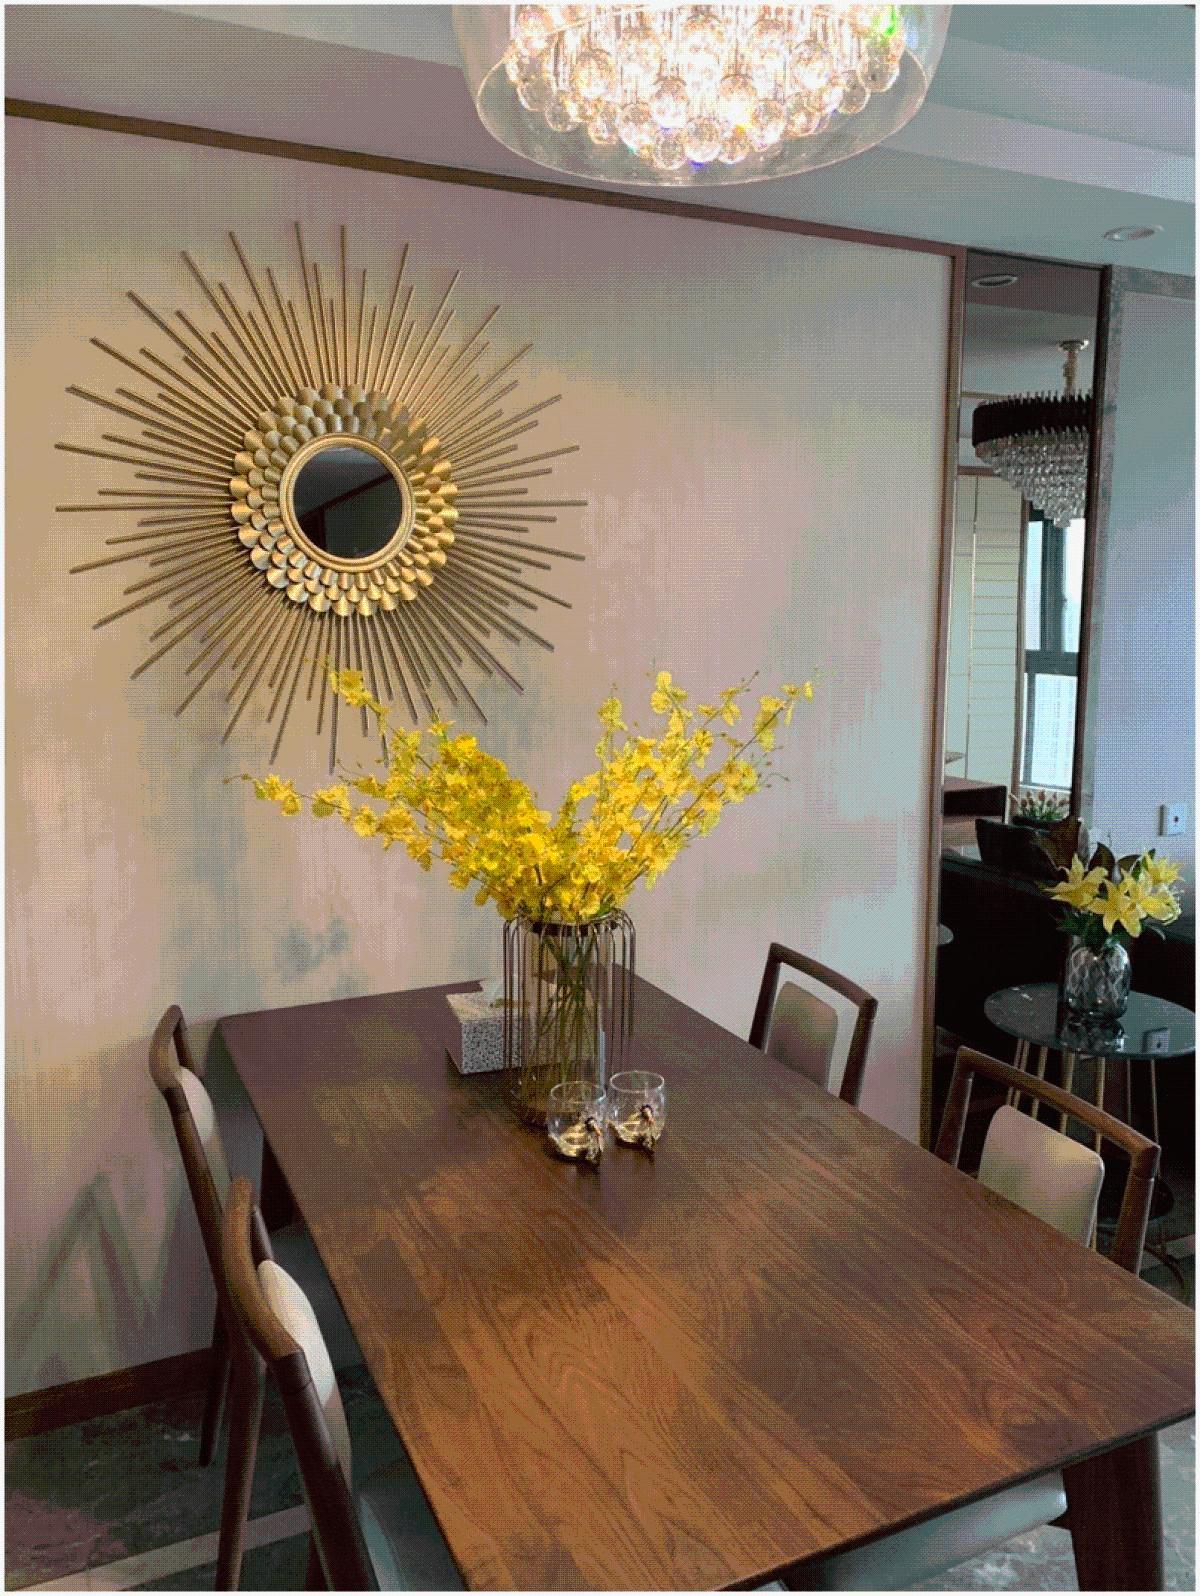 欧式太阳镜壁挂装饰餐厅轻奢墙面镜子铁艺装饰镜背景墙美式玄关